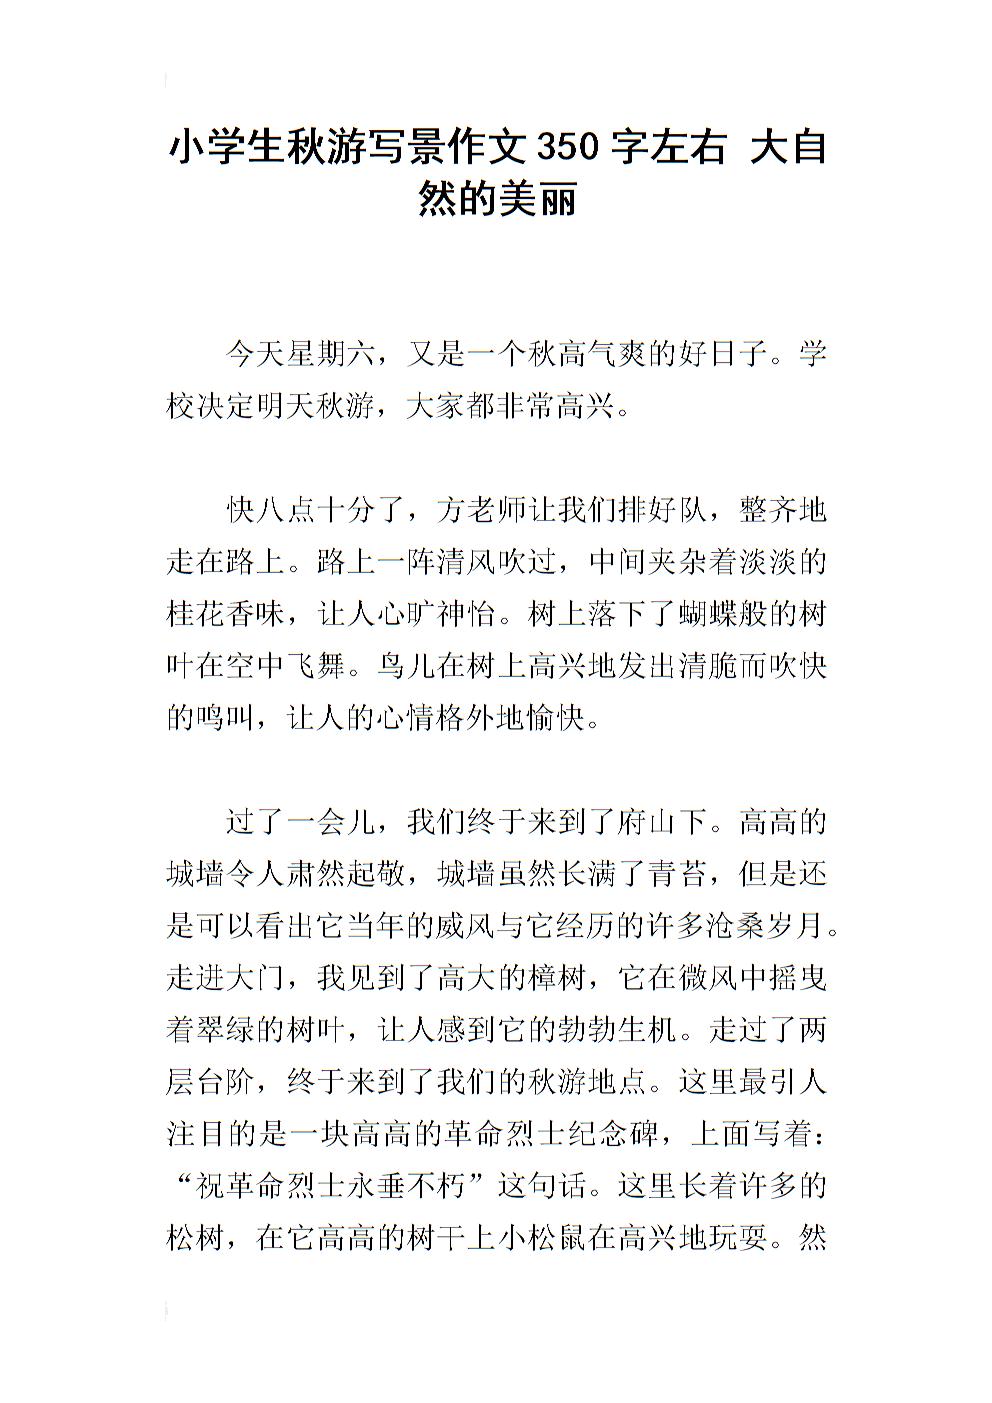 小学生秋游写景作文350字左右 大自然的美丽.docx